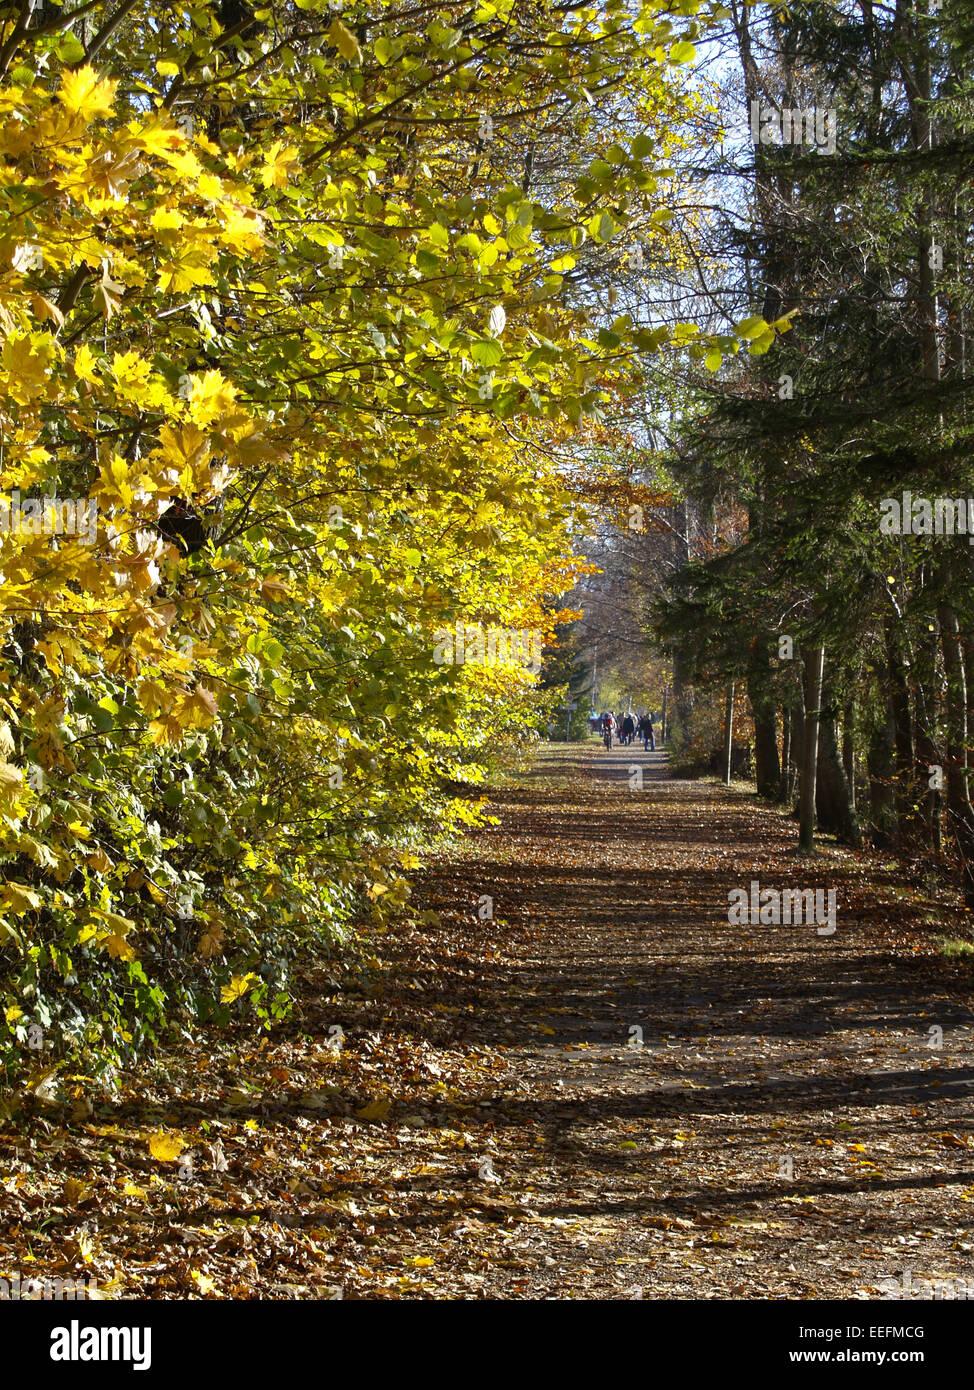 Baum, Baeume, Herbst, Herbstlaub, Blaetter, Farbe, Gelb, Gruen, Jahreszeiten, Natur, Landschaft, Stimmung, Ruhe, - Stock Image